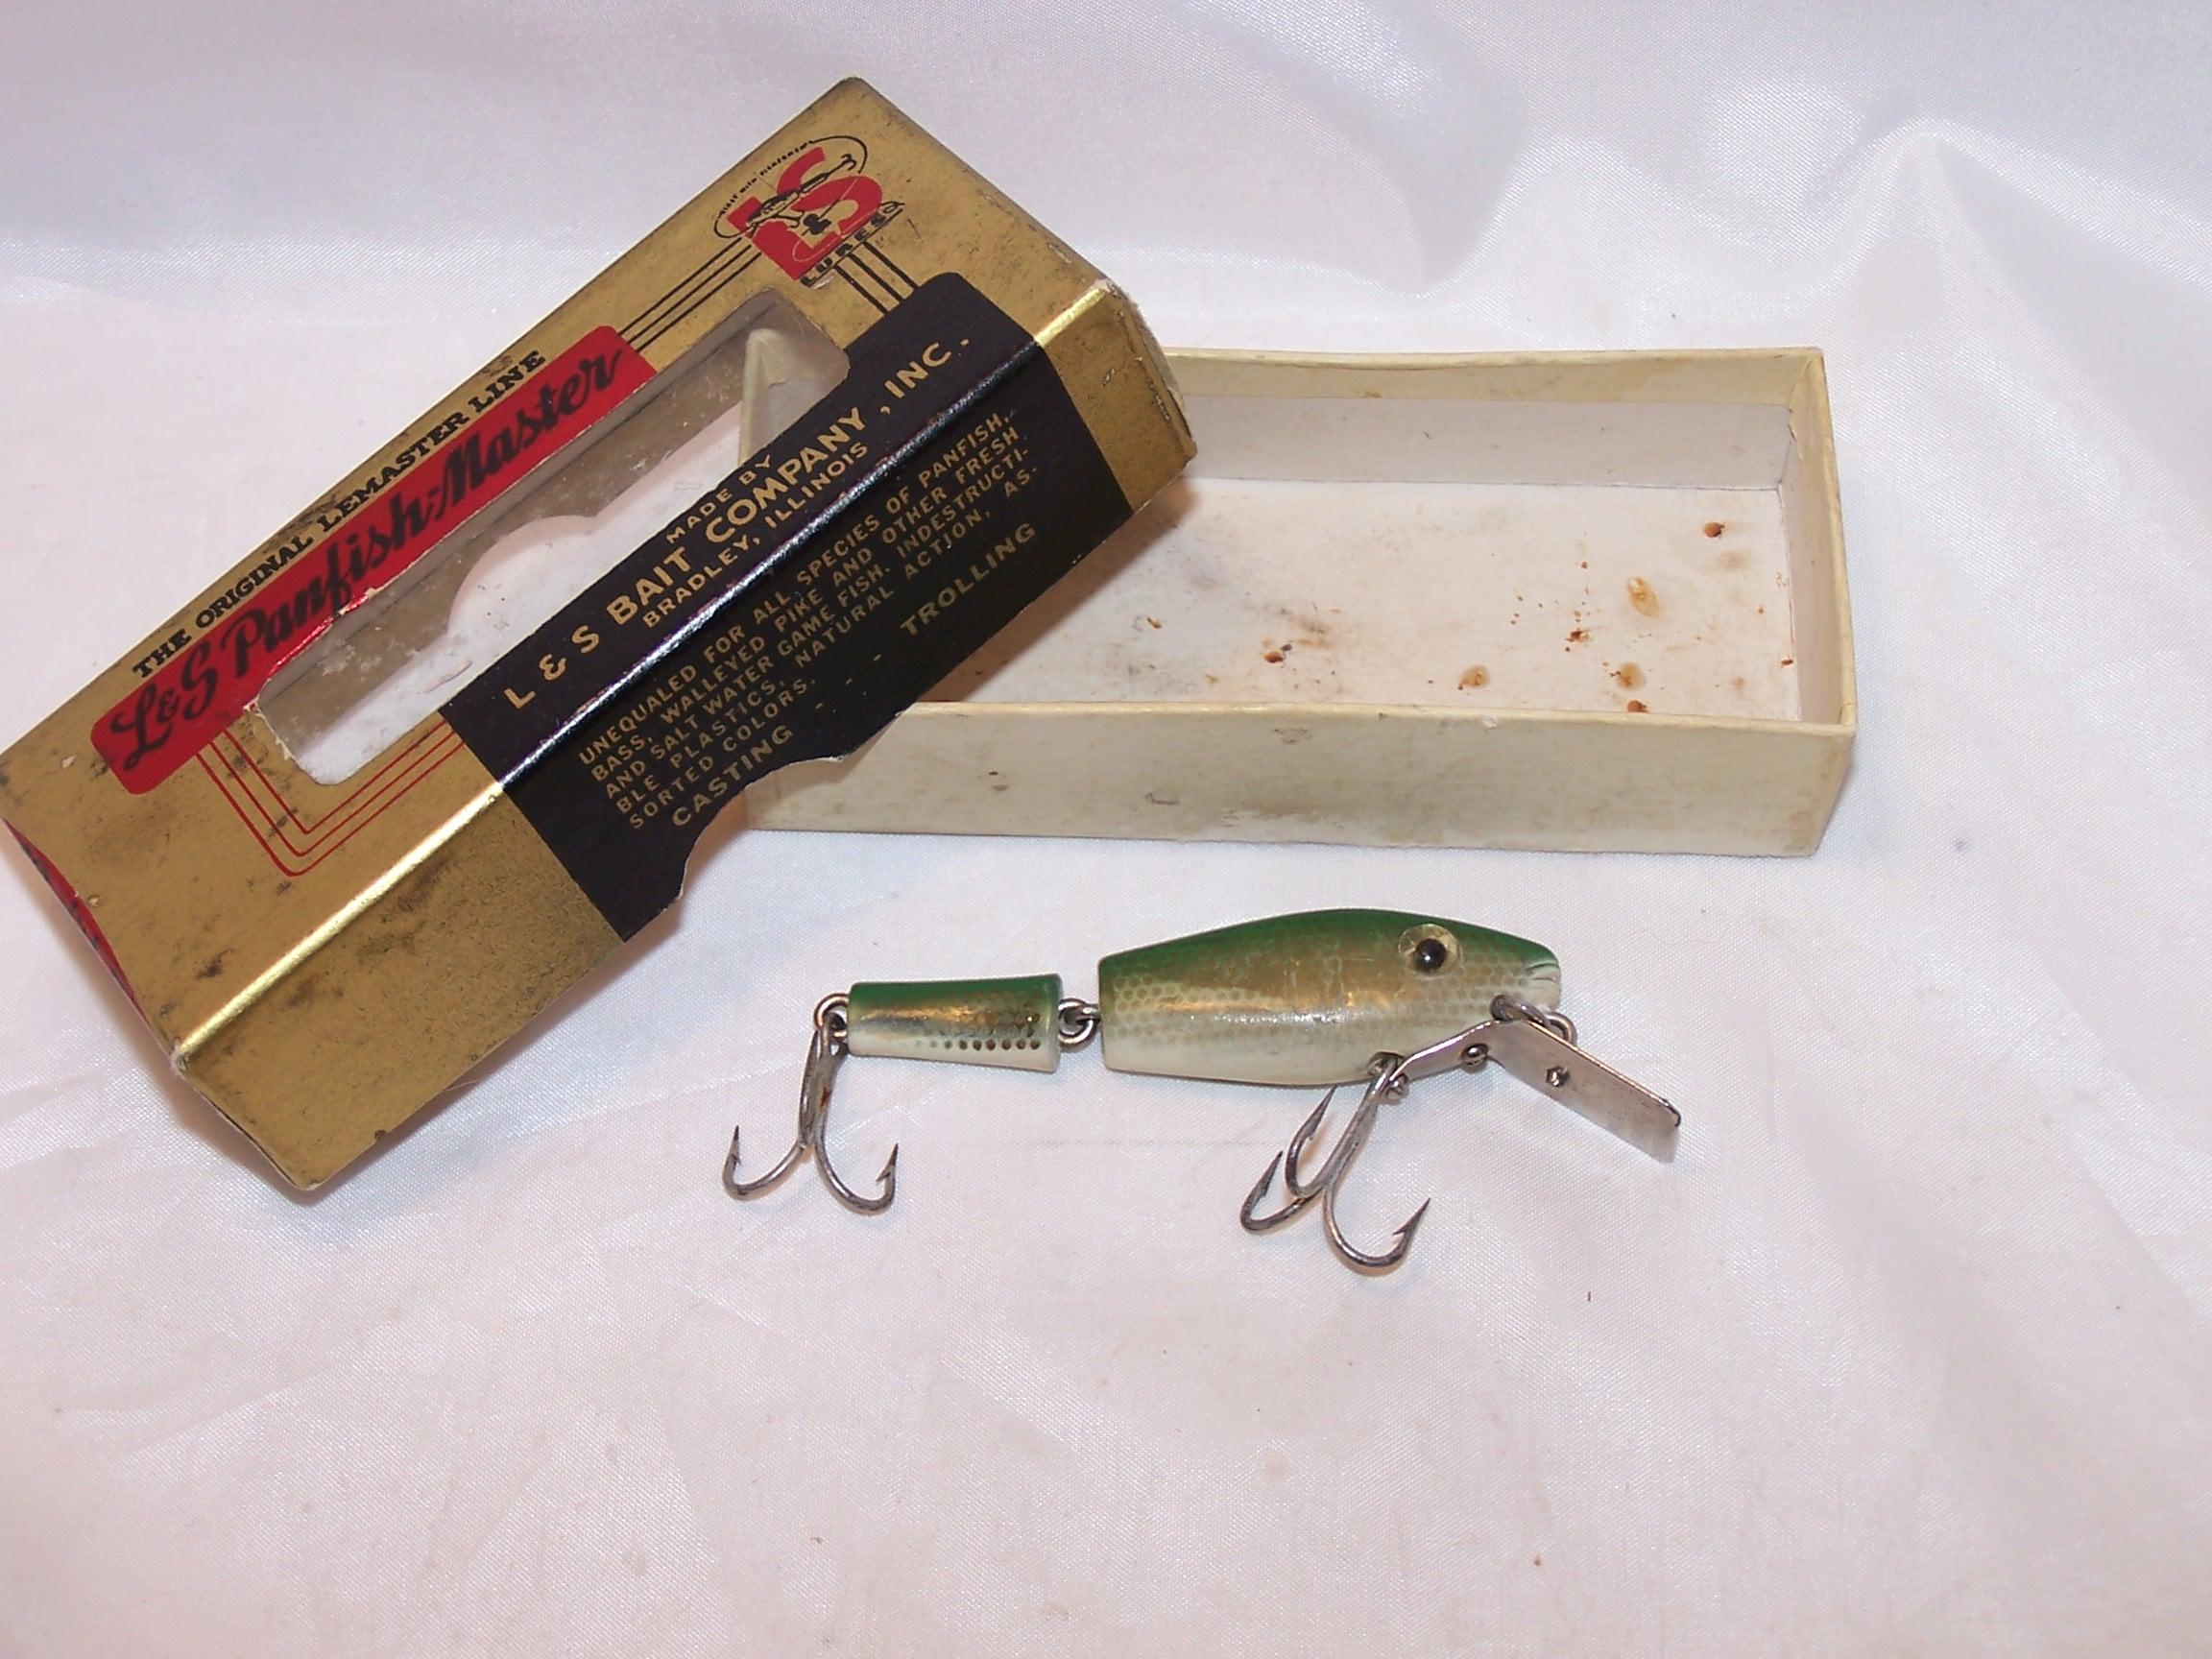 Image 3 of LS Panfish Master Fishing Lure, 0011, Vintage w Box